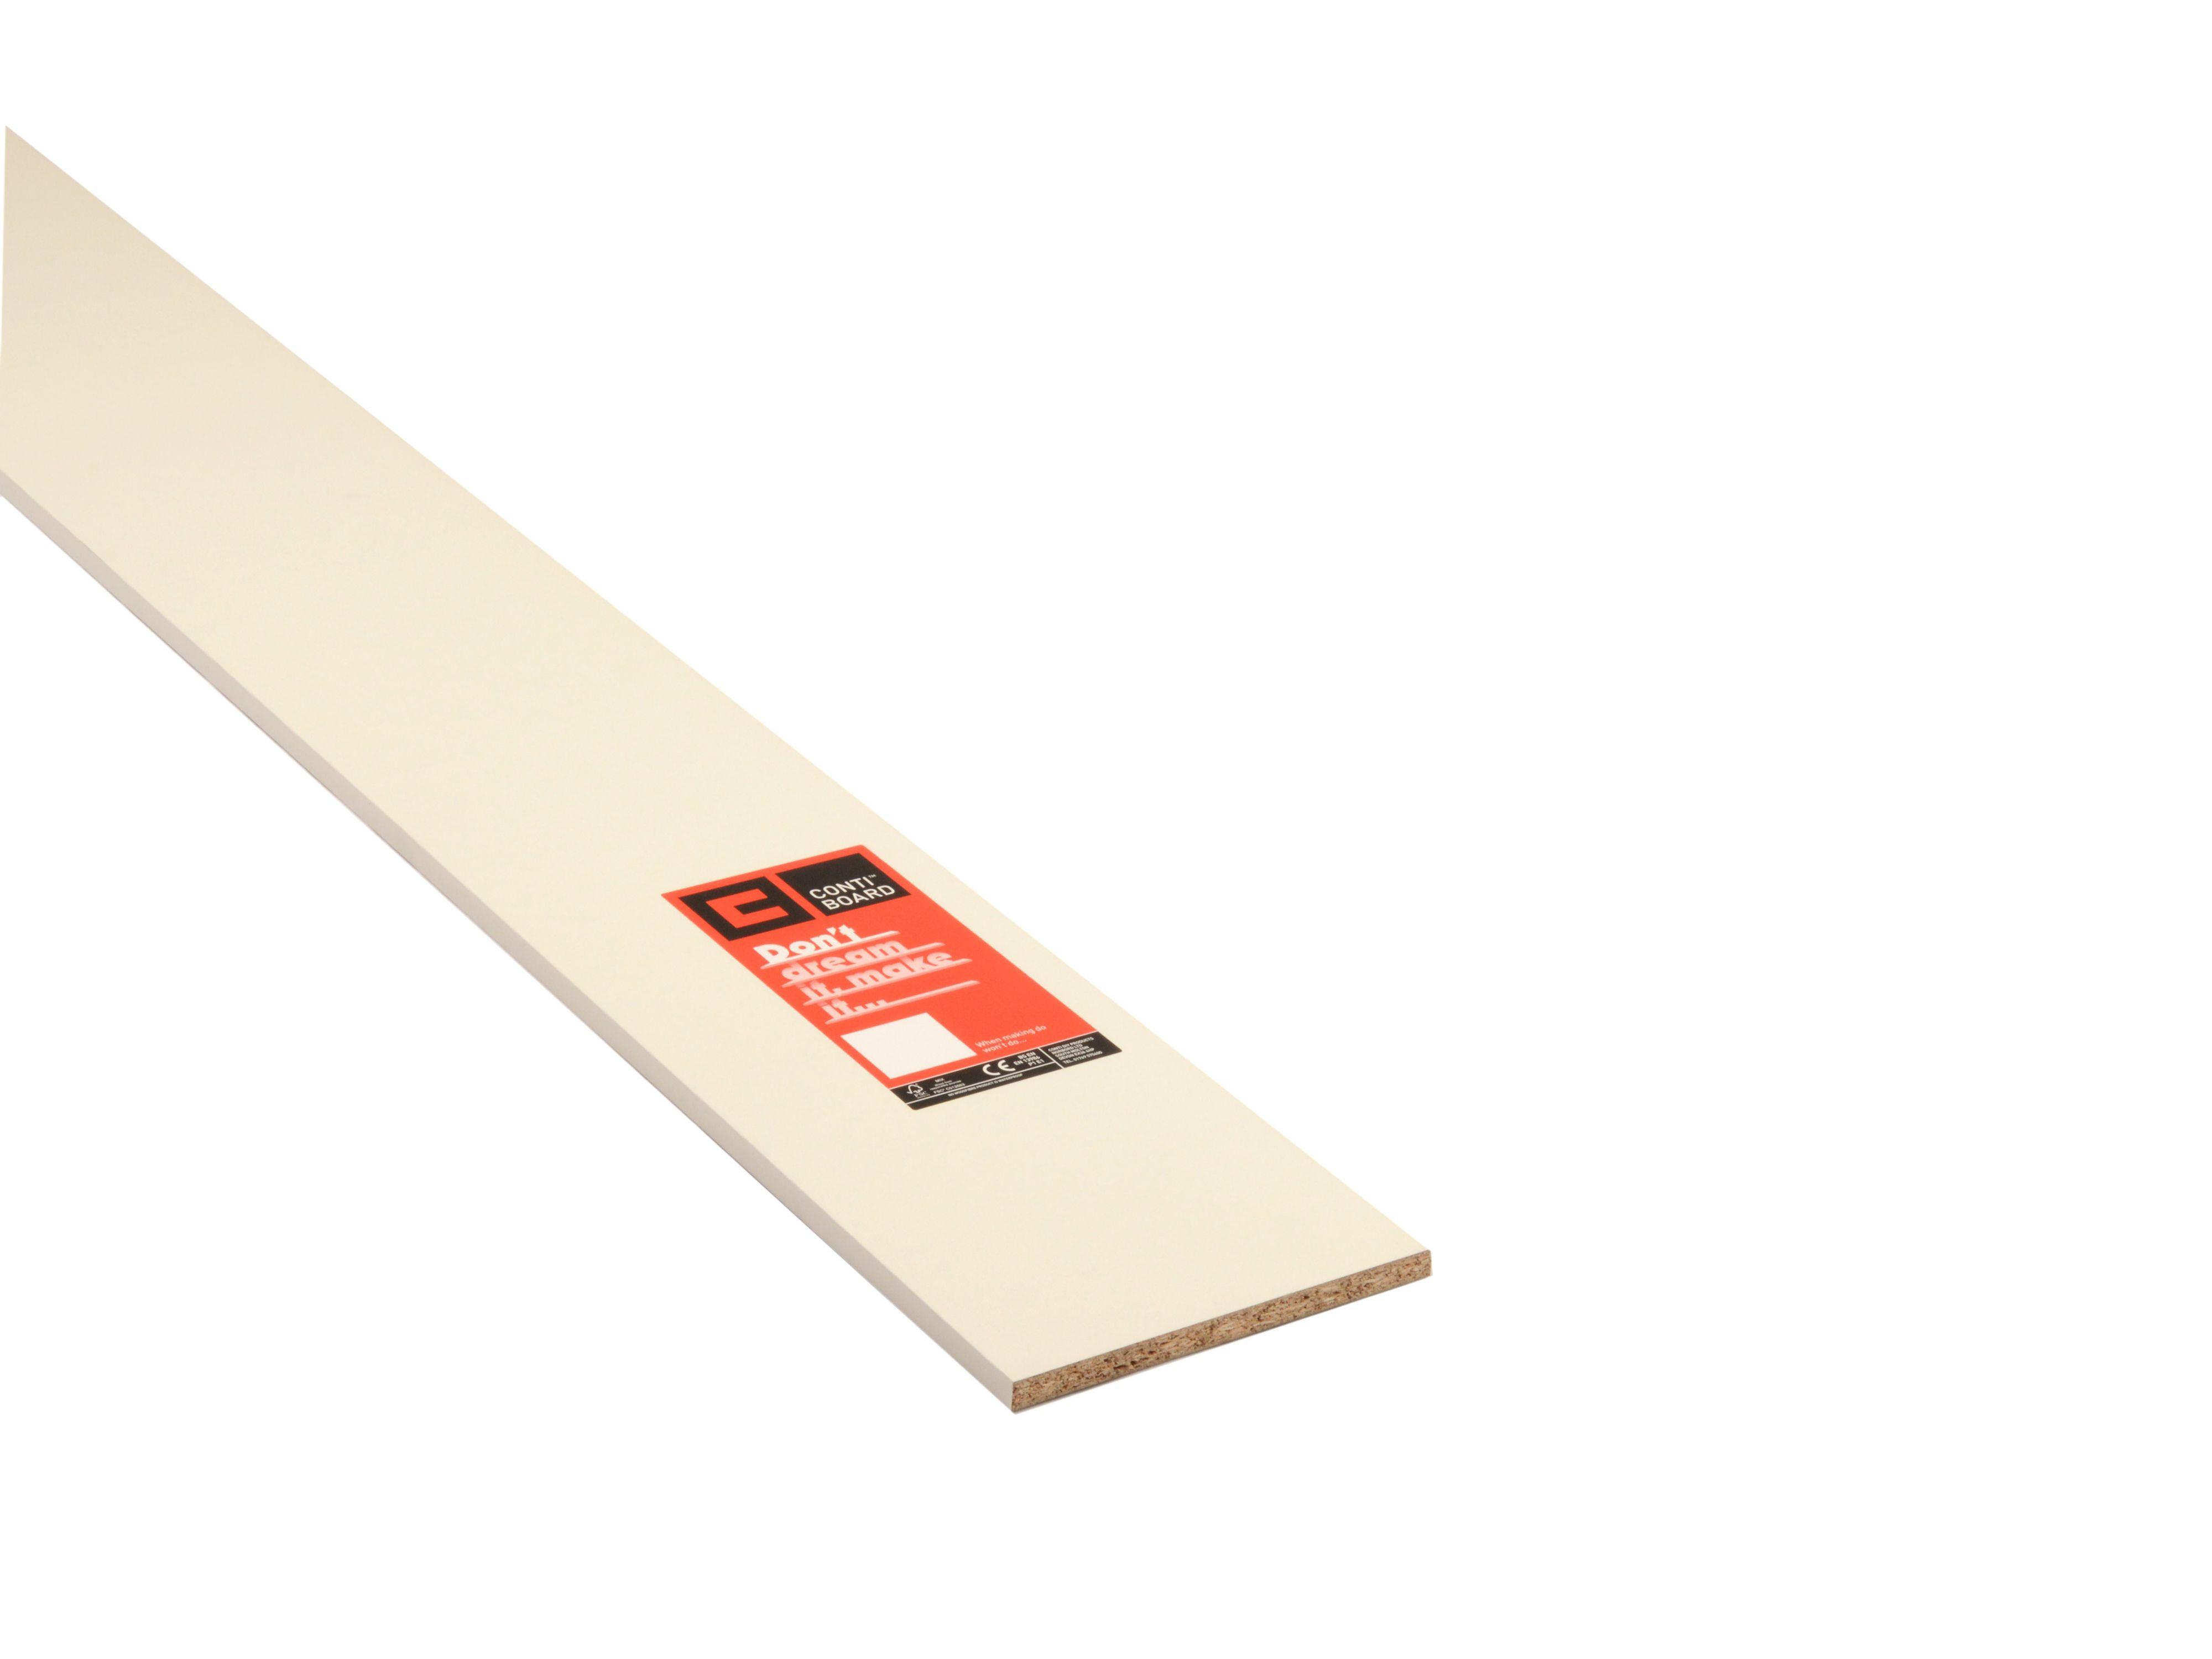 Conti MFC Furniture Panel White  L 2440mm  W 229mm  T. Furniture Panel White  L 2440mm  W 600mm  T 18mm   Departments